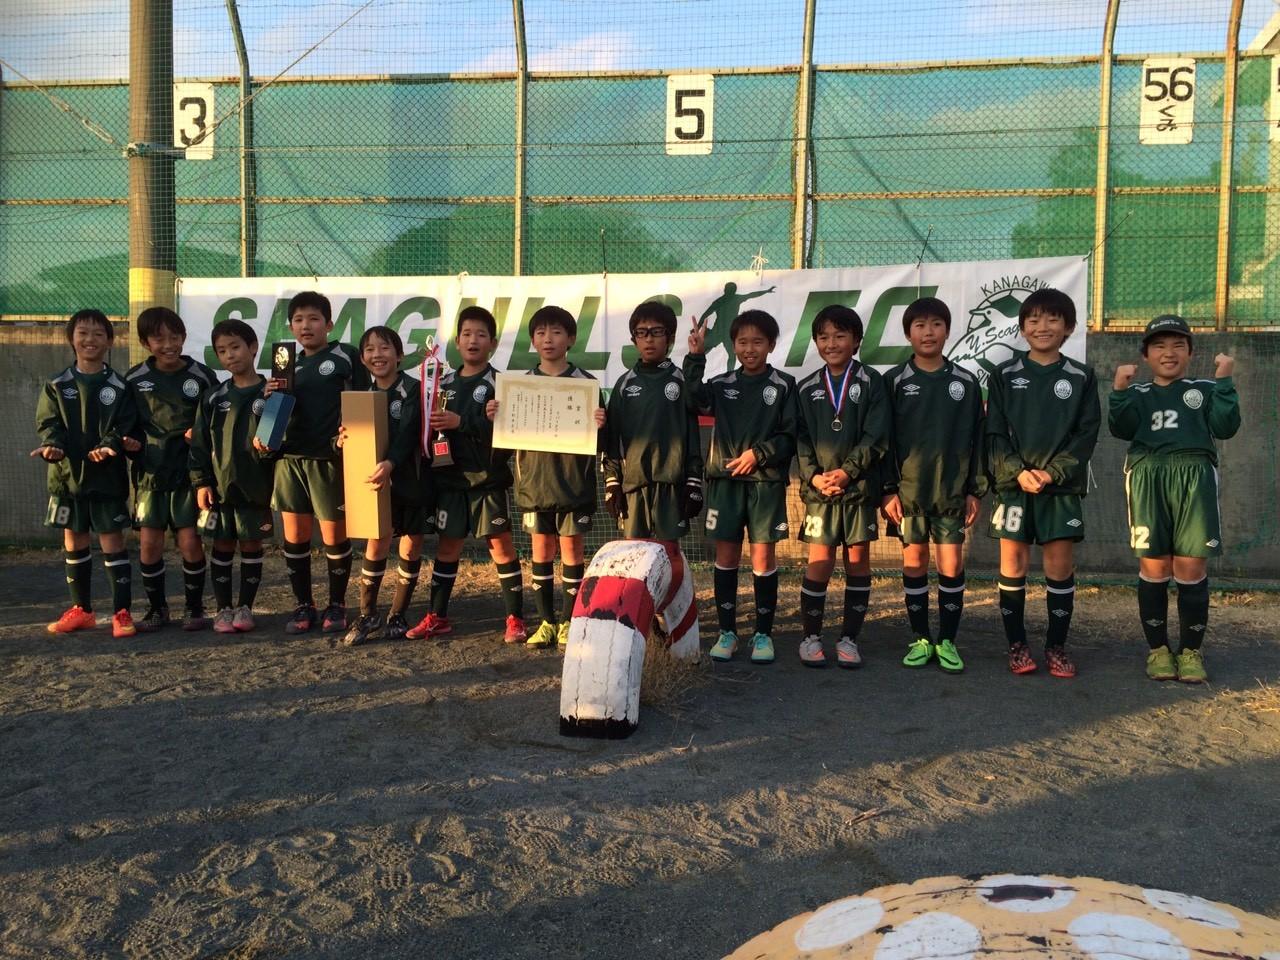 かもめ杯 U-11(5年生) 優勝(リバーFCの皆さん)